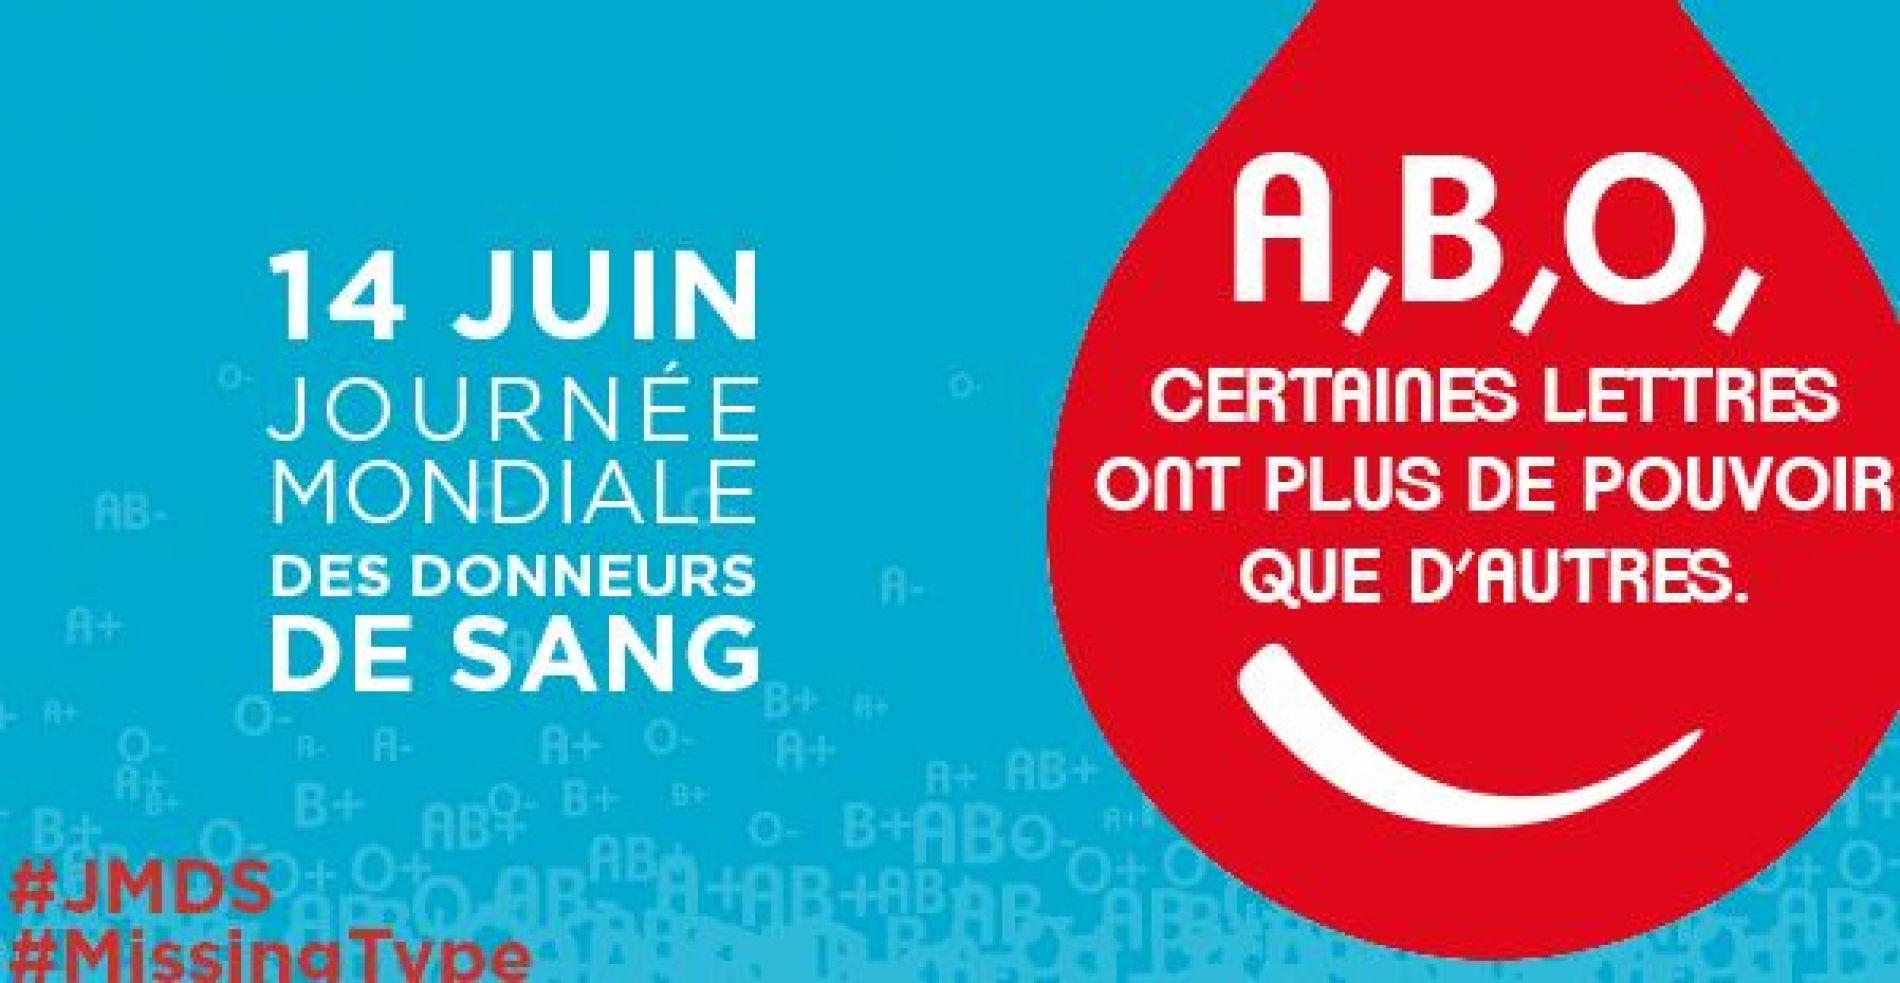 Journée des donneurs de sang